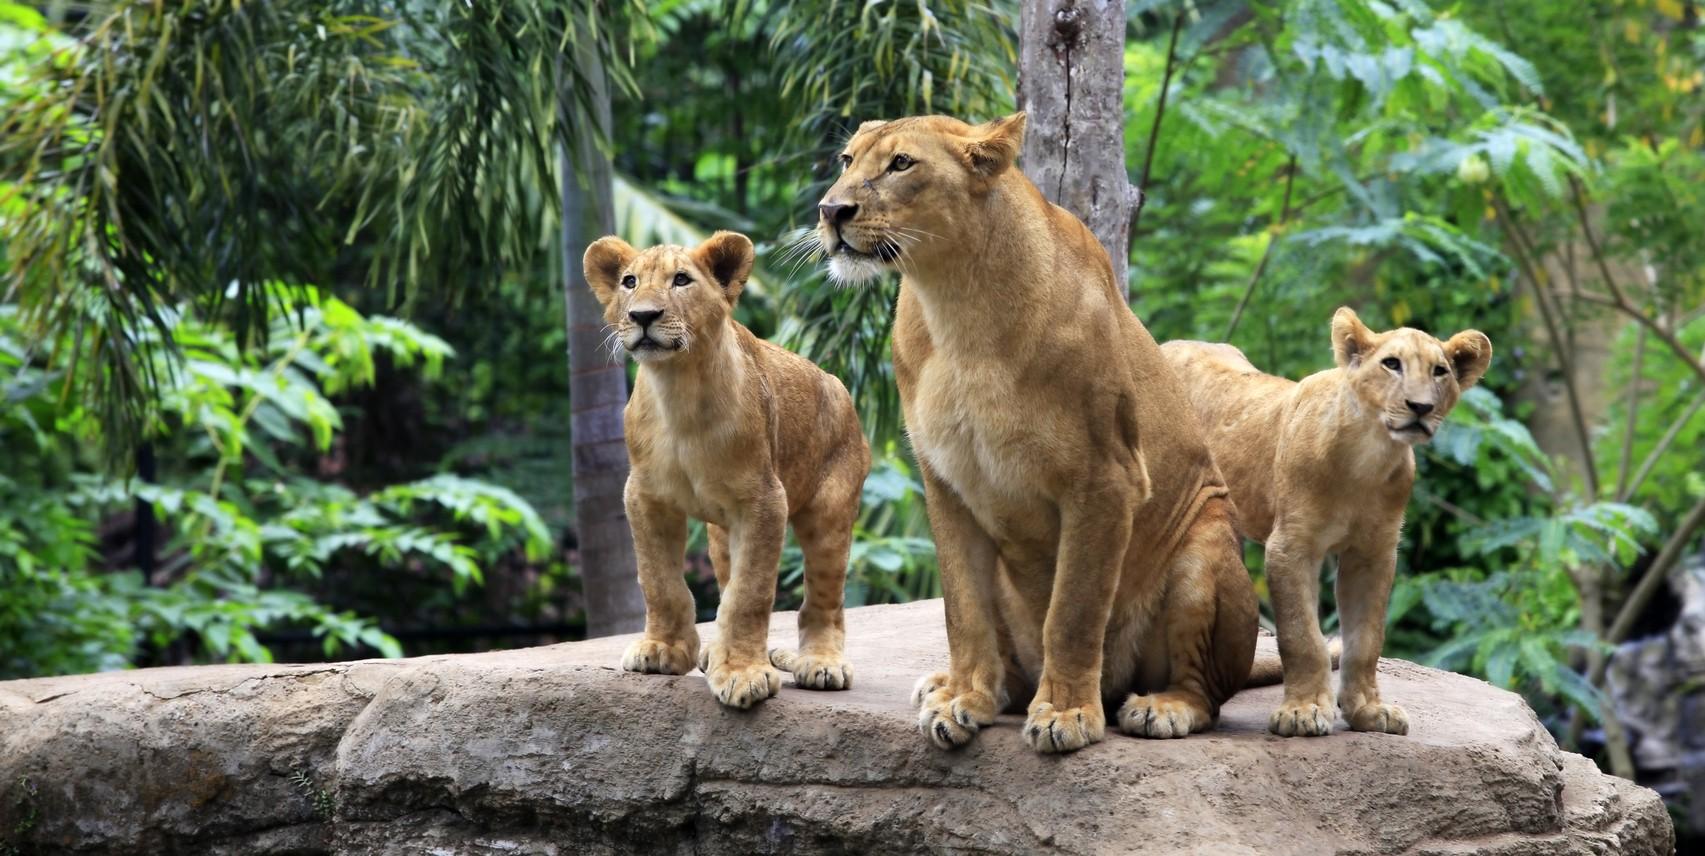 Darıca Hayvanat Bahçesi - Zoo